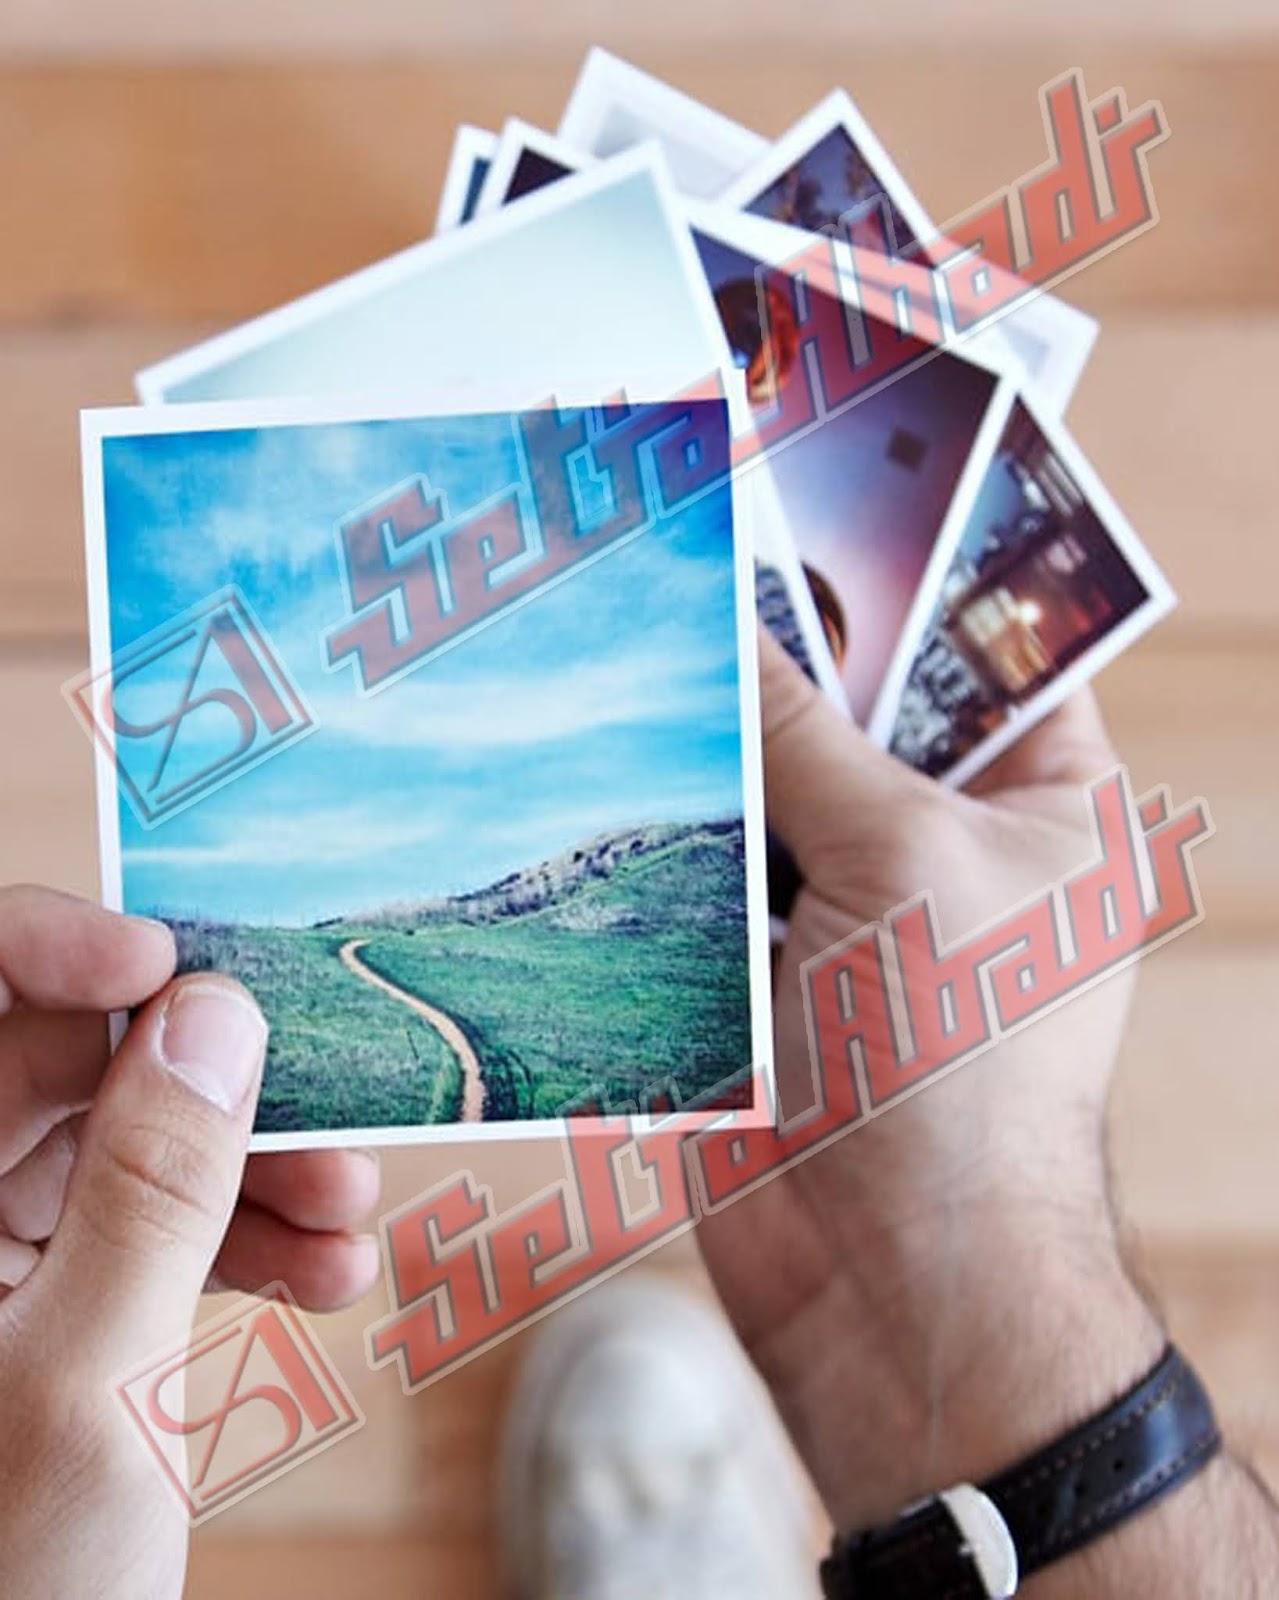 gambar produk 2